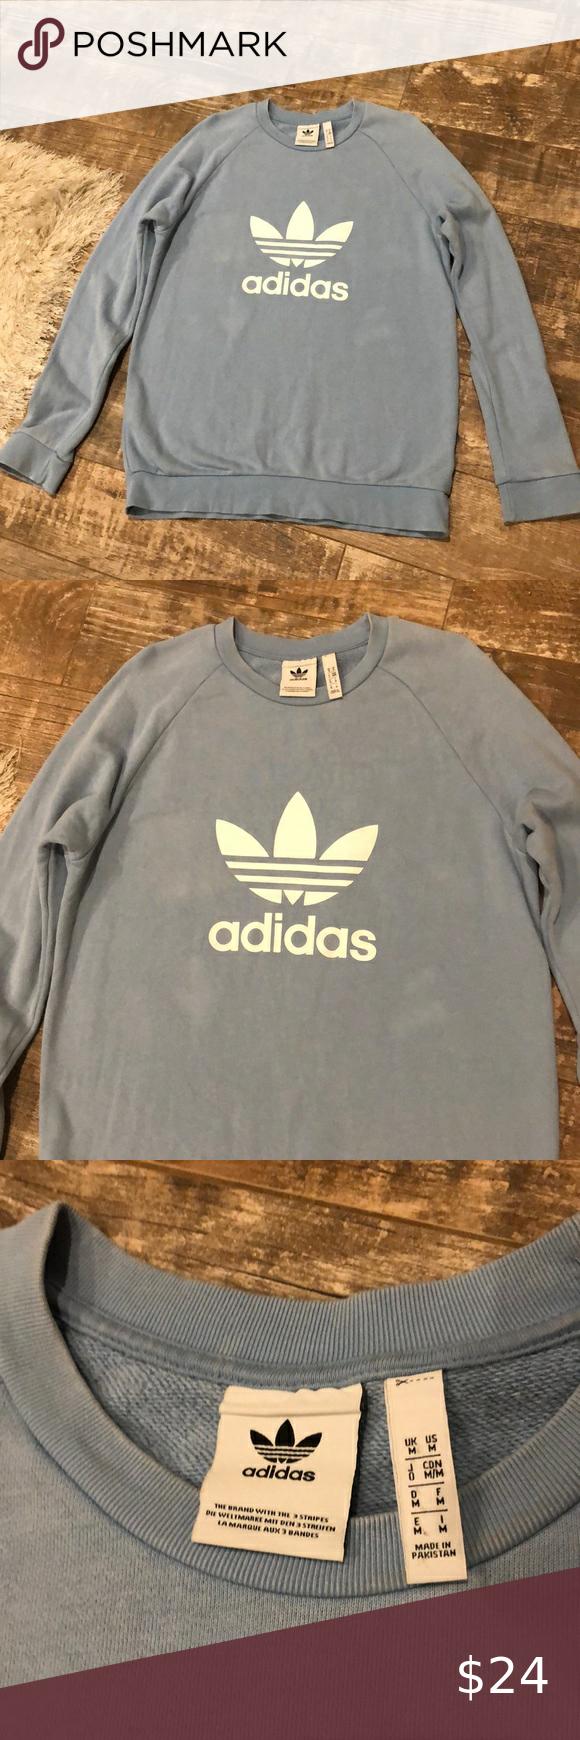 Euc Adidas Sweatshirt Sz M Sweatshirts Adidas Sweatshirt Sweatshirts Hoodie [ 1740 x 580 Pixel ]